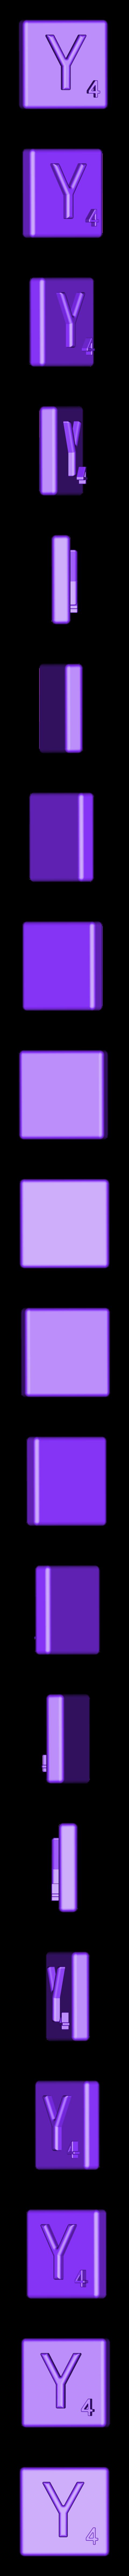 Single_Extruded_Y.STL Télécharger fichier STL gratuit Pièces et support SCRABBBLE • Design pour imprimante 3D, Balkhagal4D